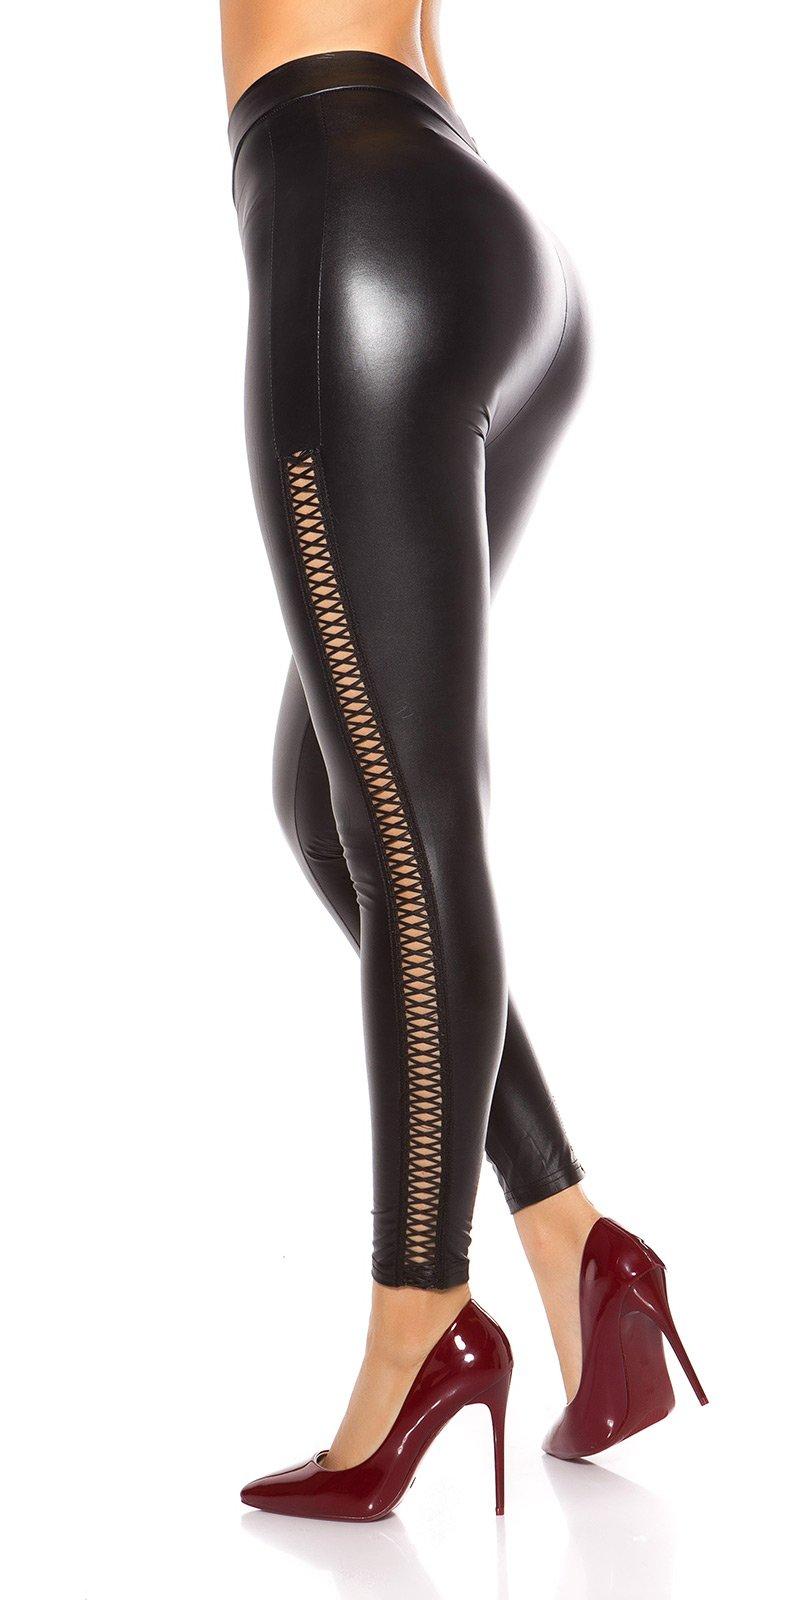 liebespuppen w rden diese leggings kaufen. Black Bedroom Furniture Sets. Home Design Ideas